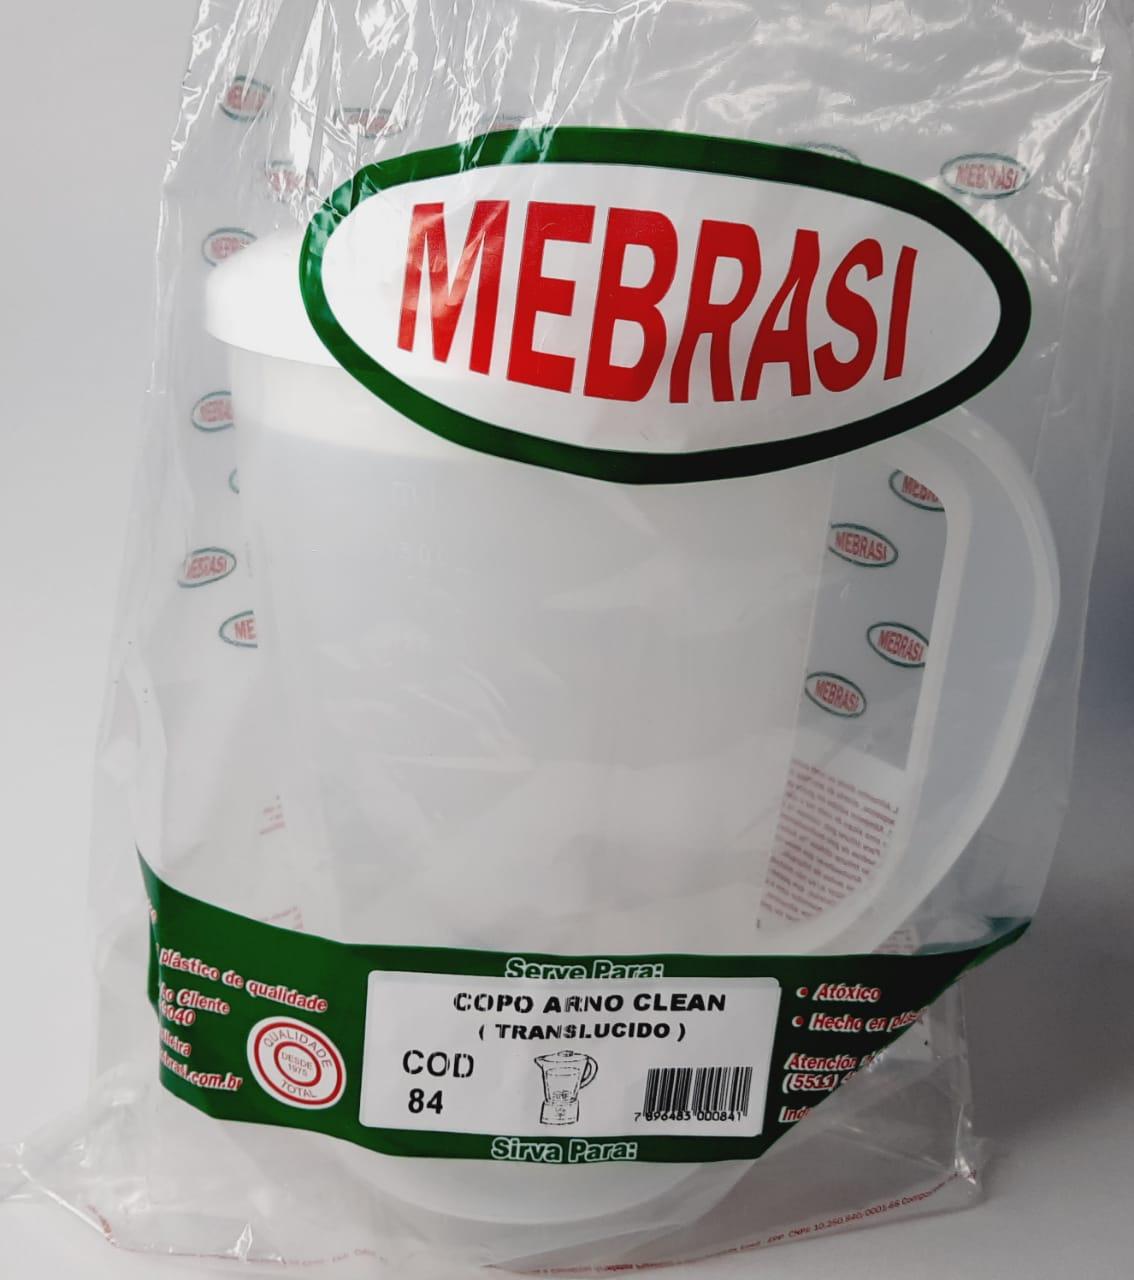 Copo Arno Translúcido Auto Clean - Mebrasi